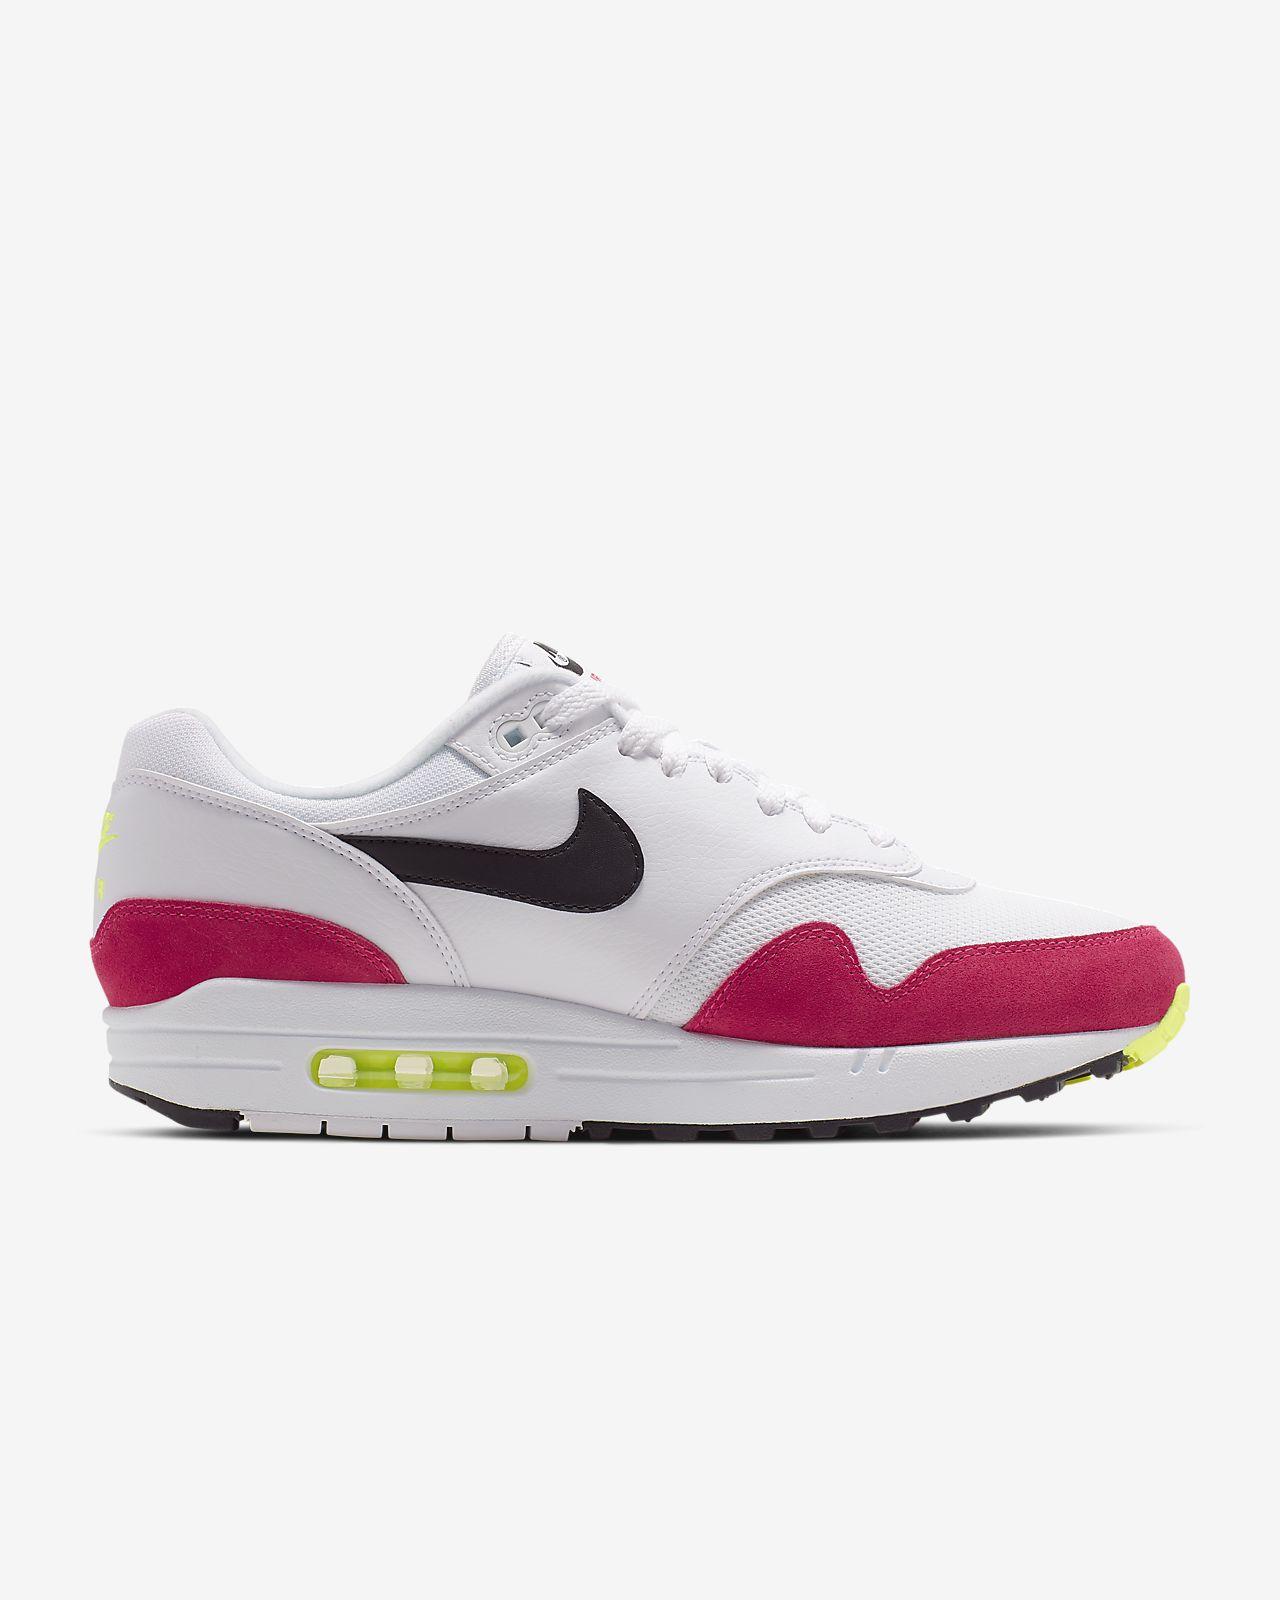 3c7615c7481c Nike Air Max 1 Men s Shoe. Nike.com